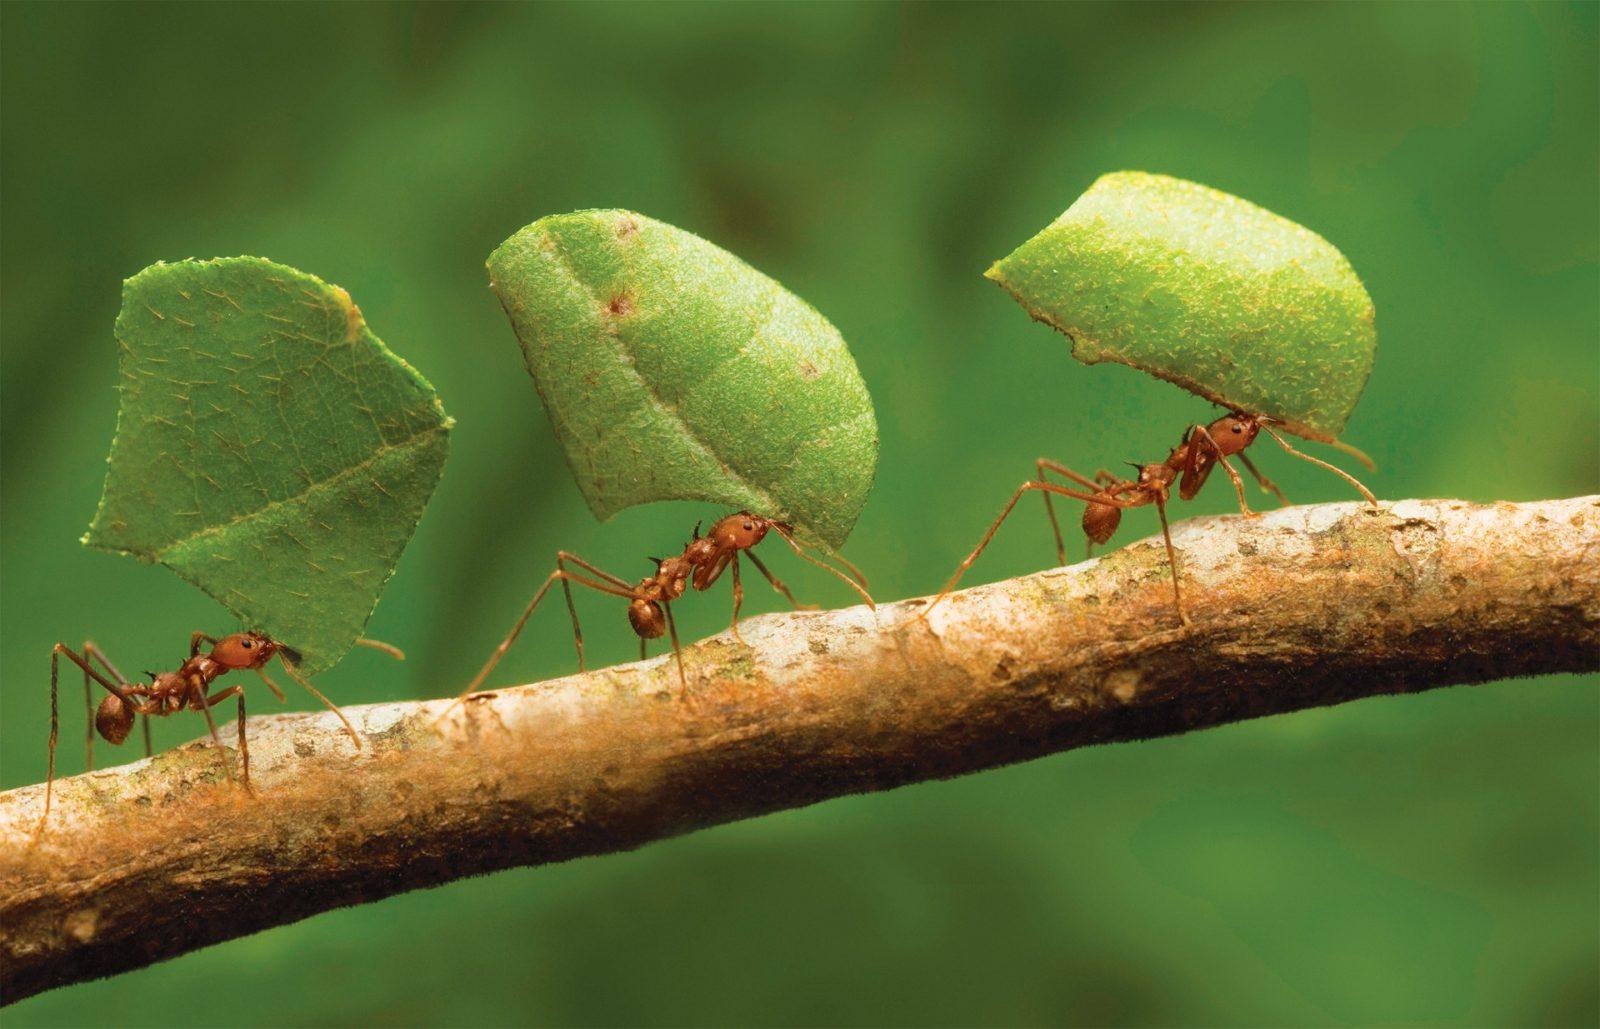 Что будет делать муравей, если окажется далеко от муравейника?